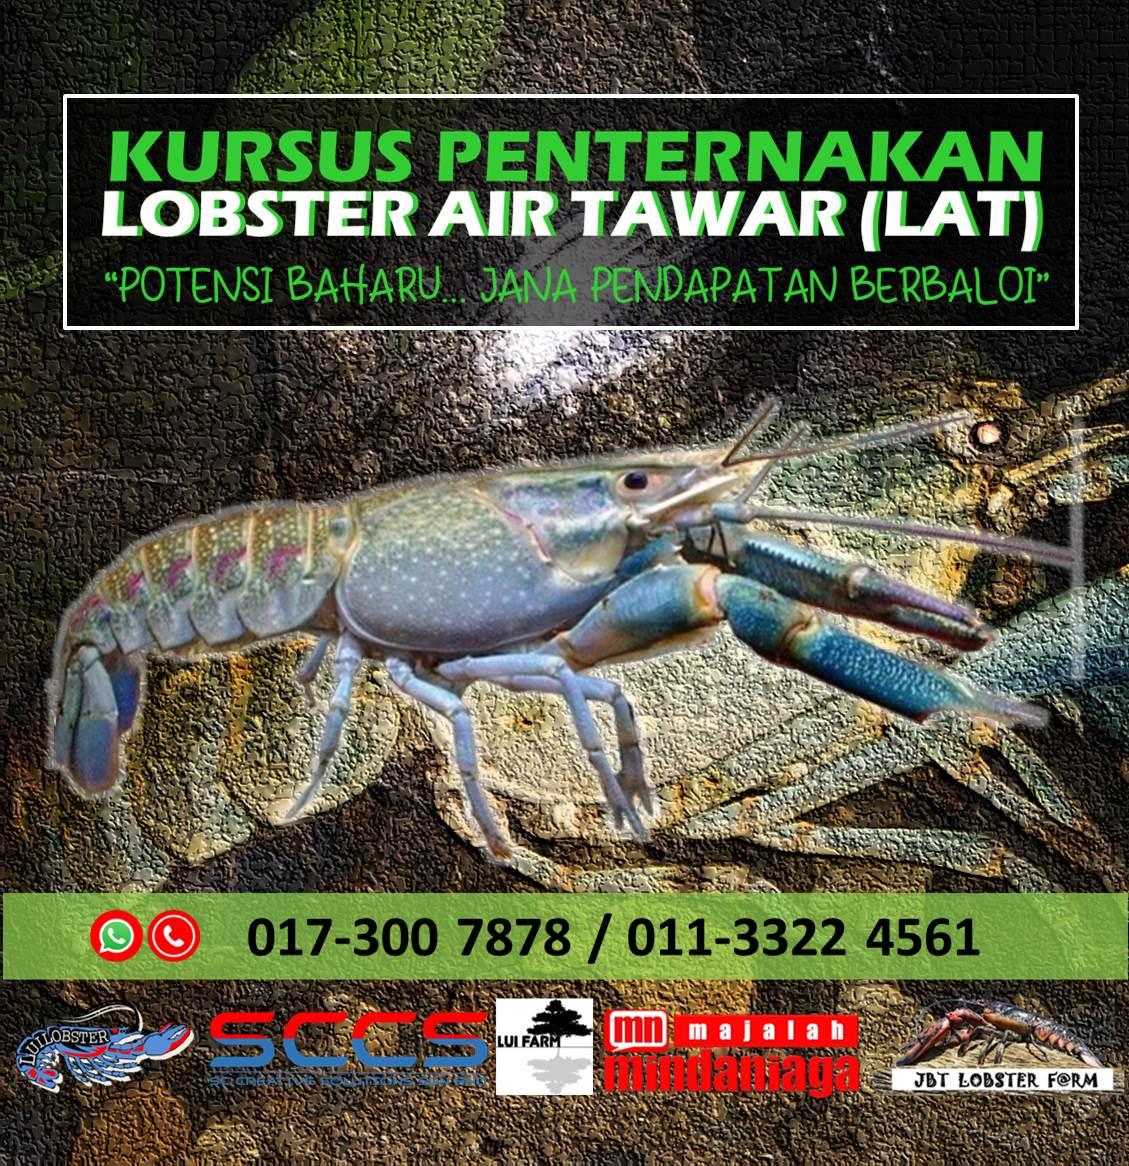 Kursus Penternakan Lobster Air Tawar Lat 2021 M Niaga